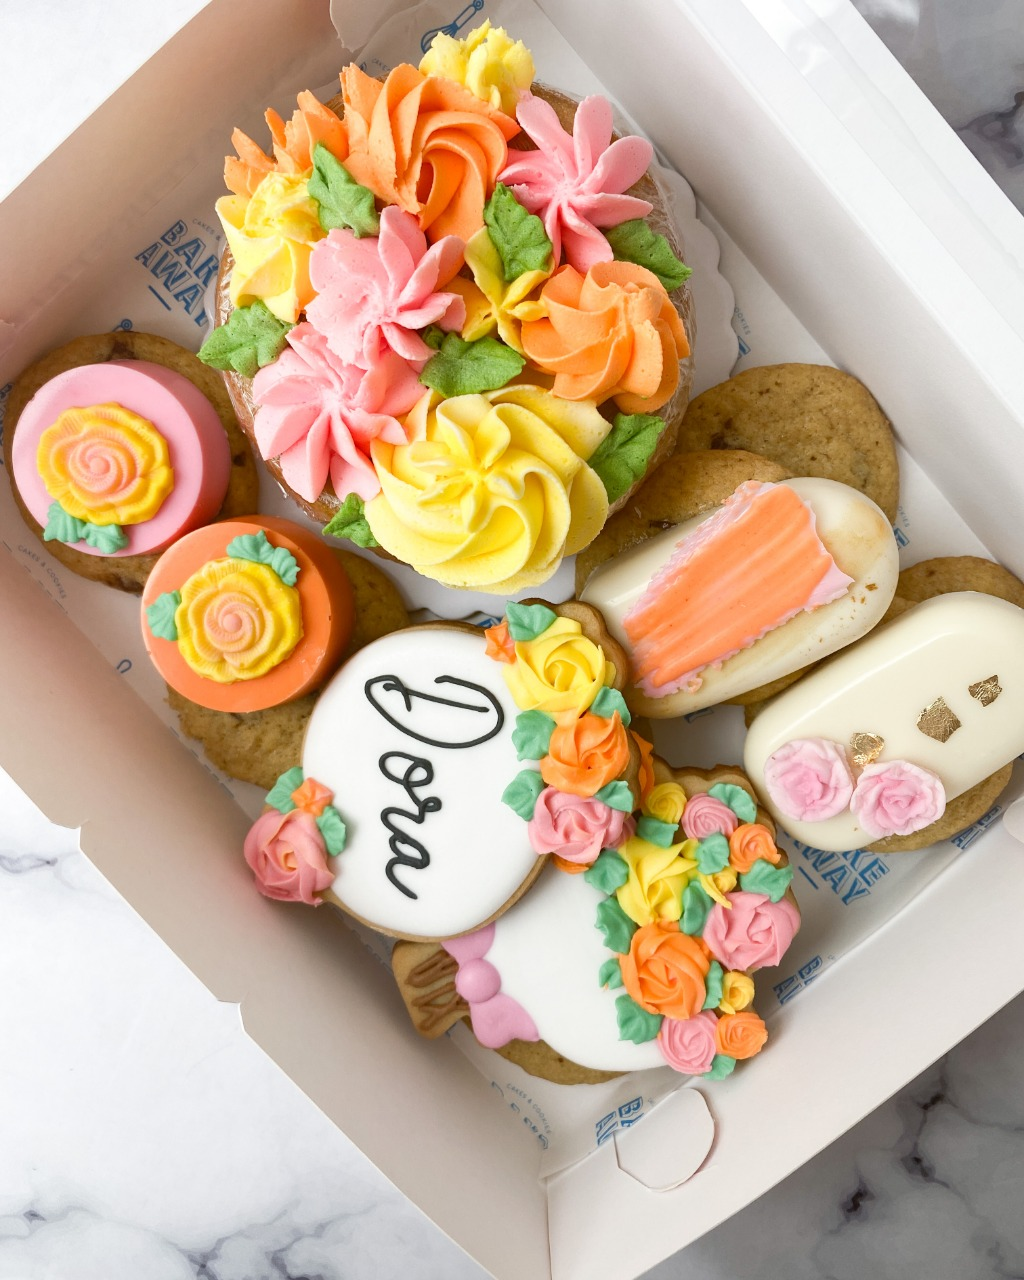 Giftbox dia de la madre